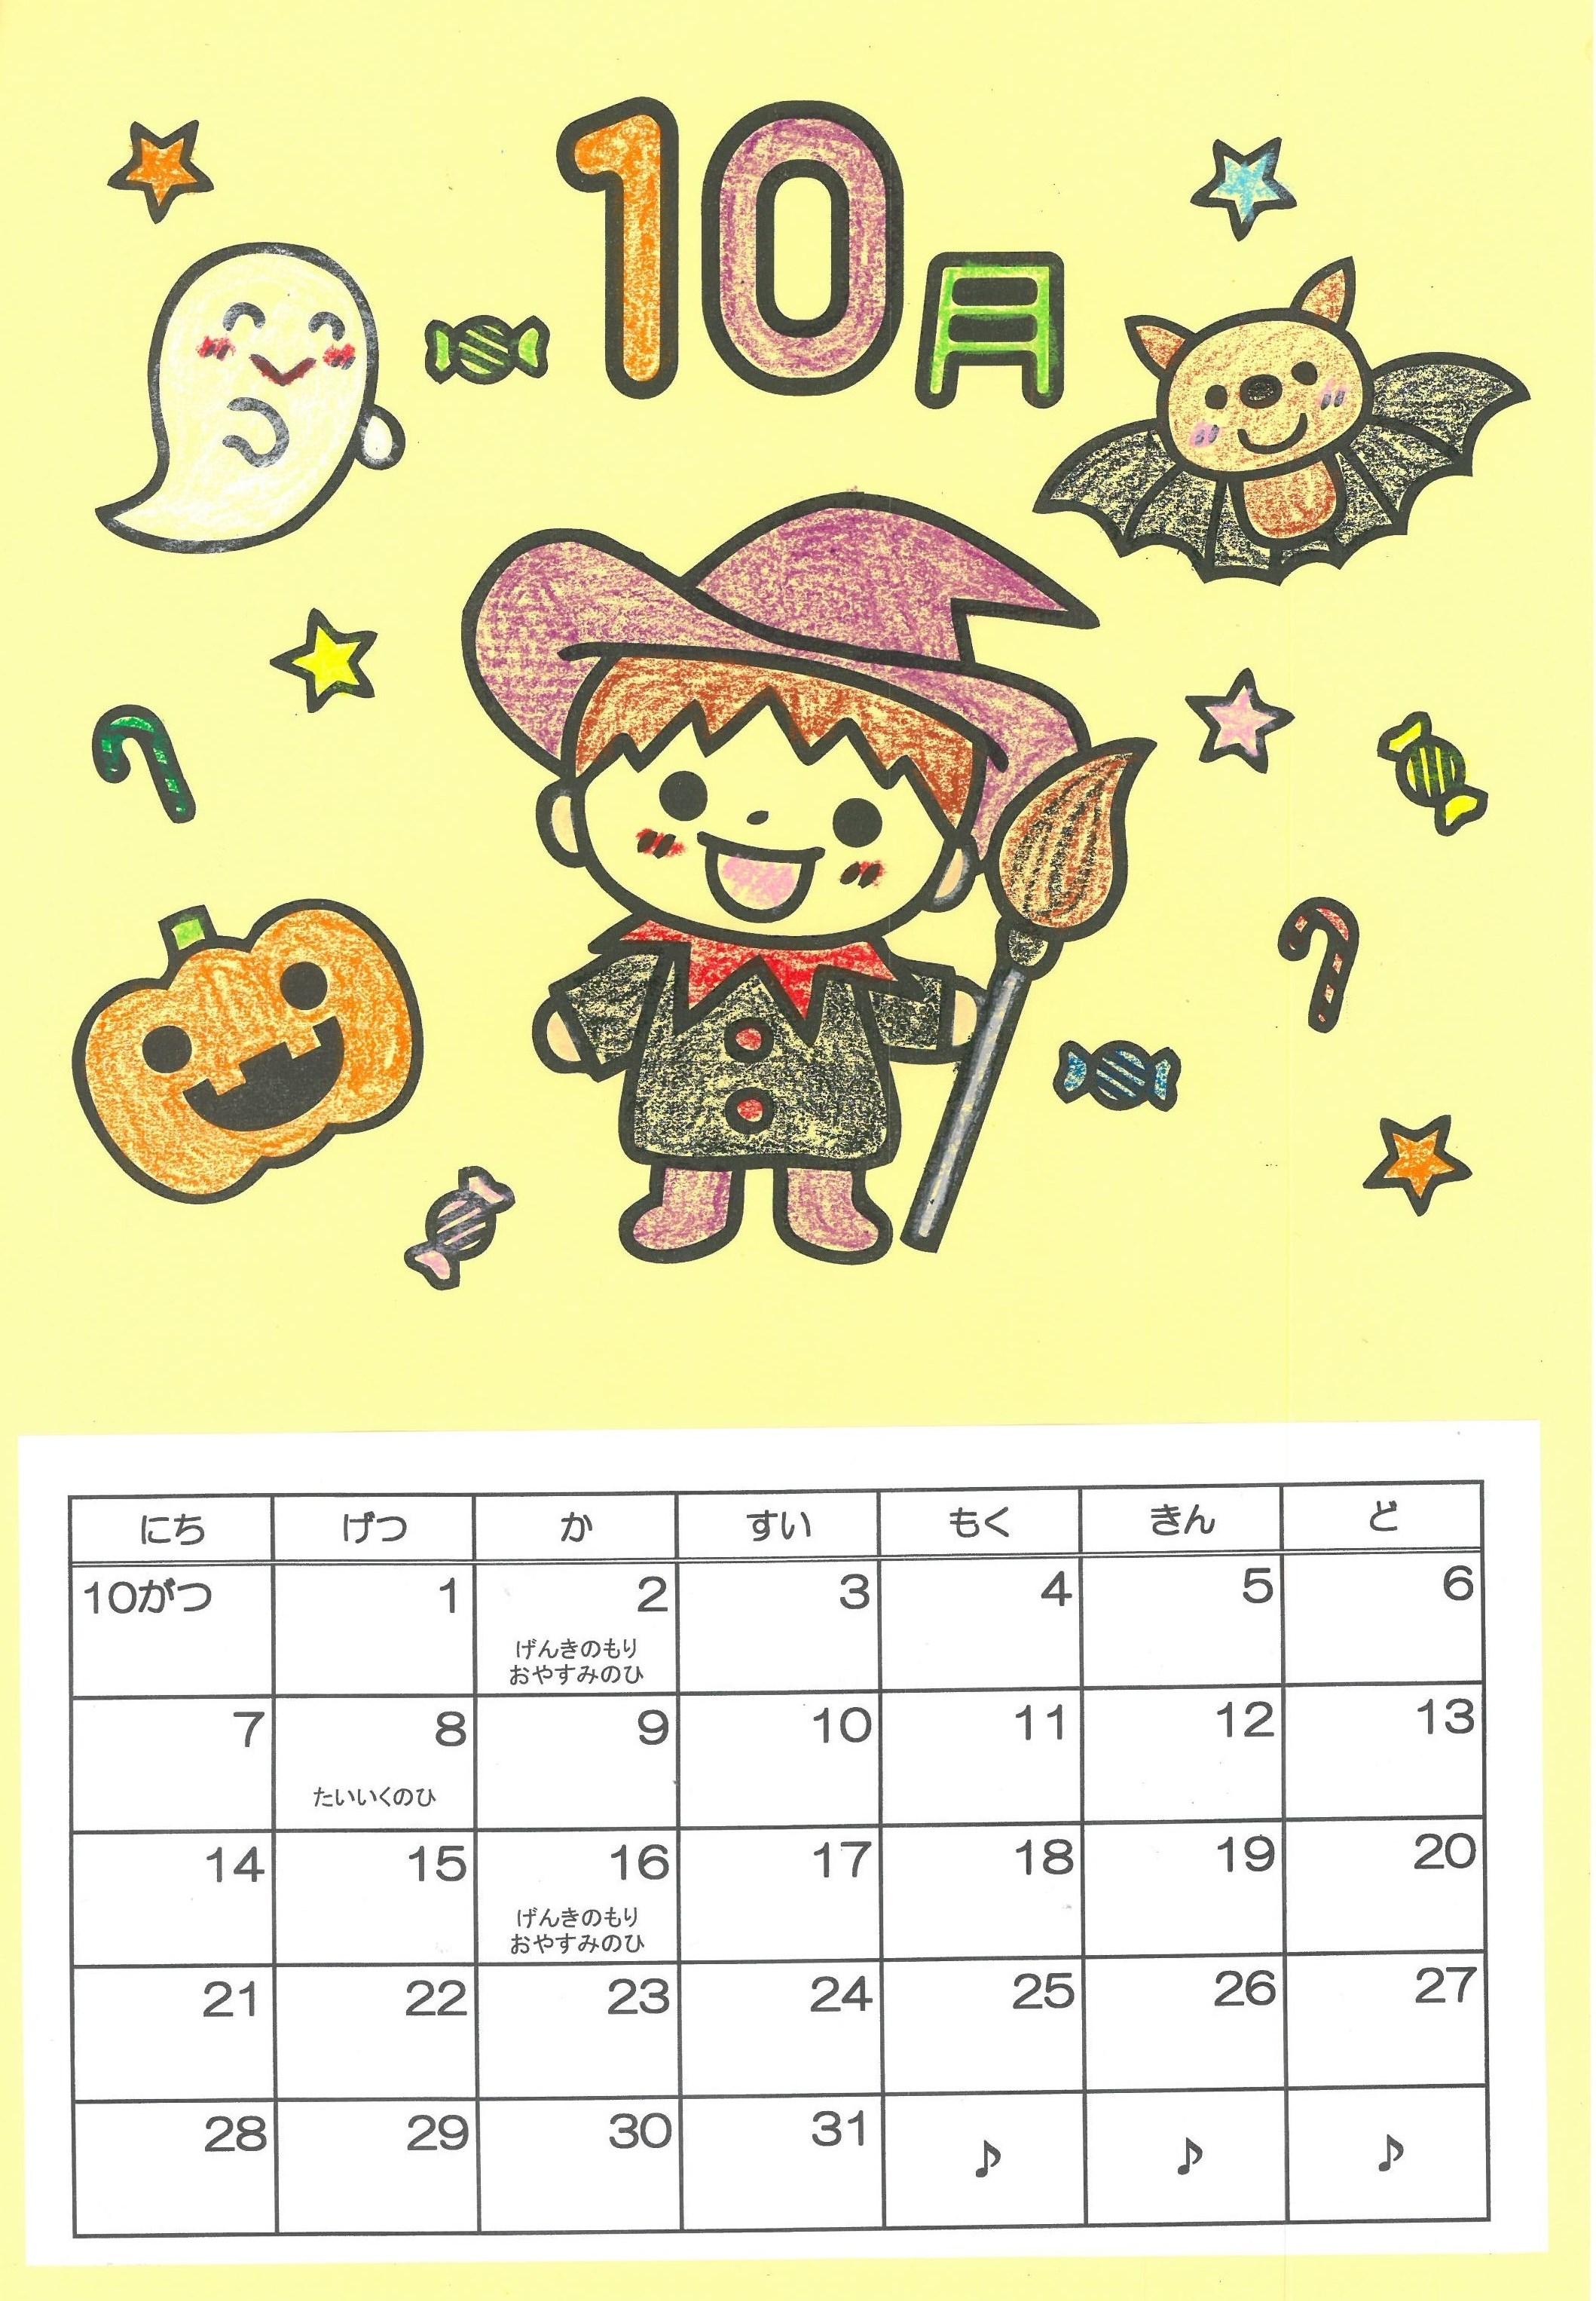 創作ぬりえカレンダー10月のカレンダーをつくろう 北九州市立